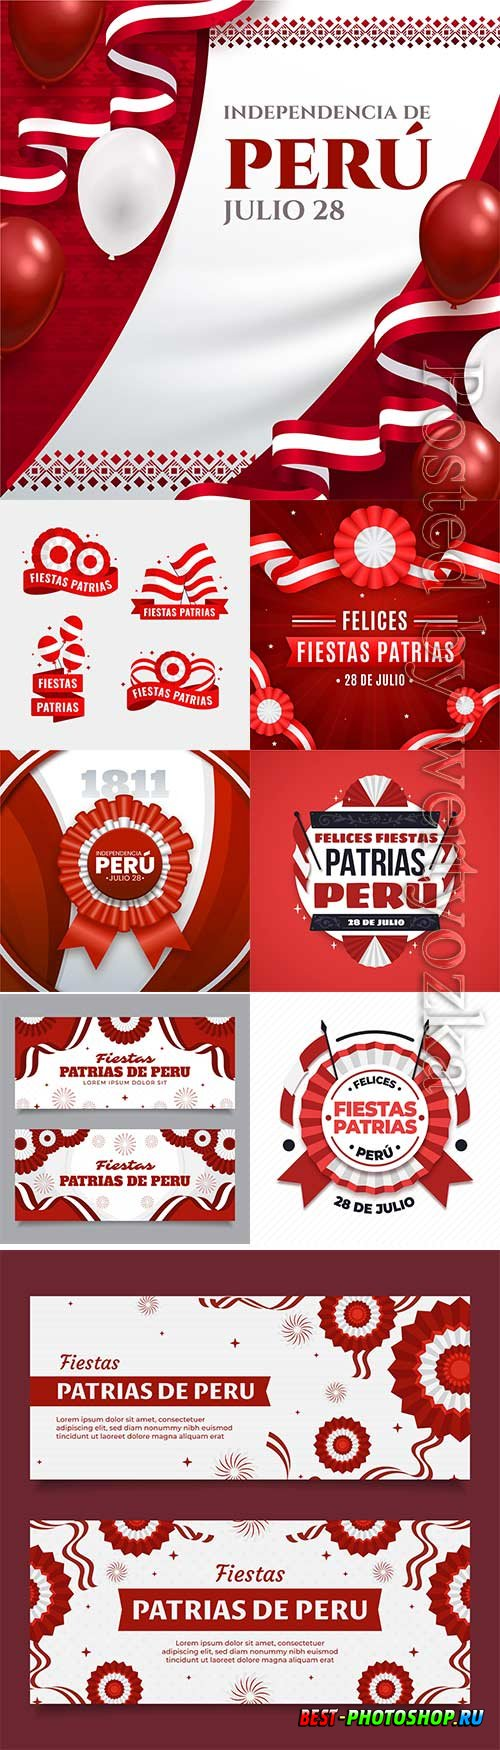 Realistic fiestas patrias de peru vector illustration